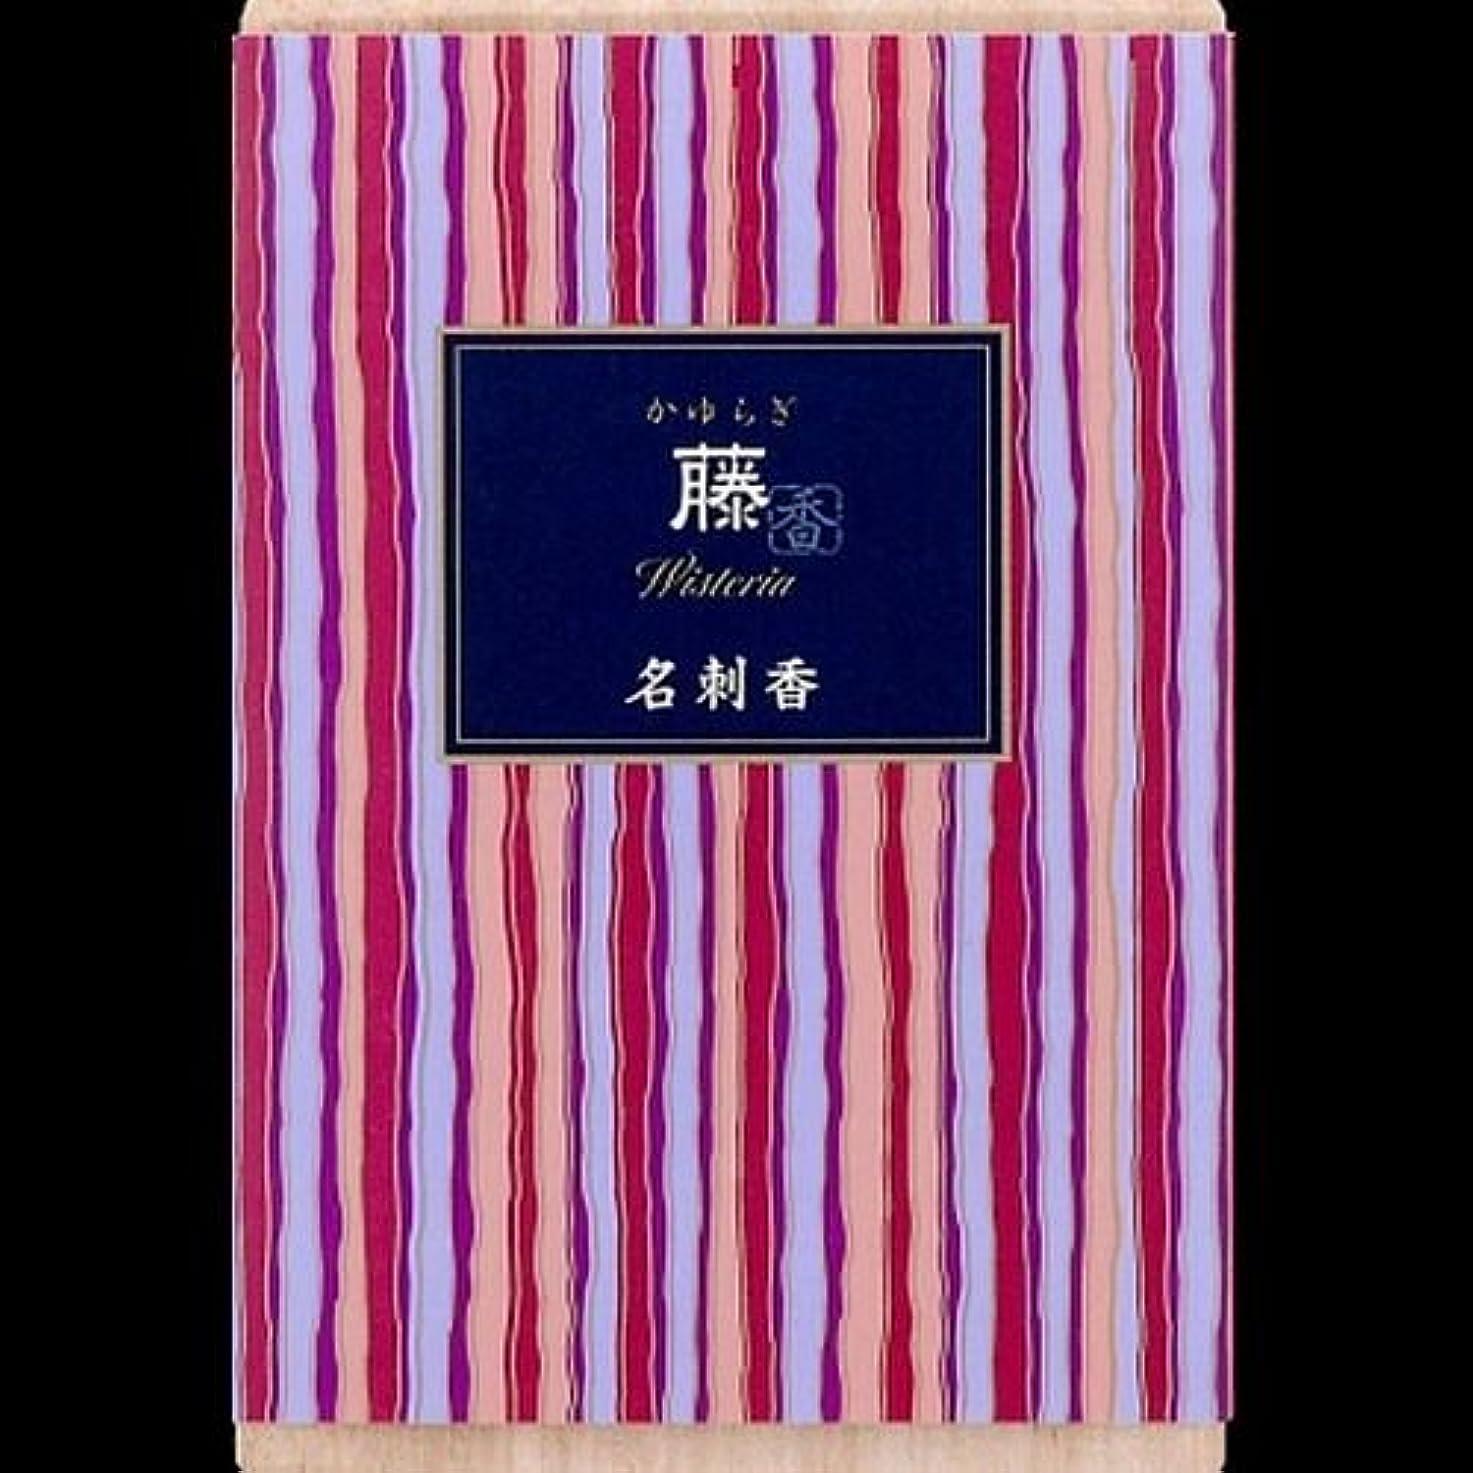 飼い慣らす場所【まとめ買い】かゆらぎ 藤 名刺香 桐箱 6入 ×2セット